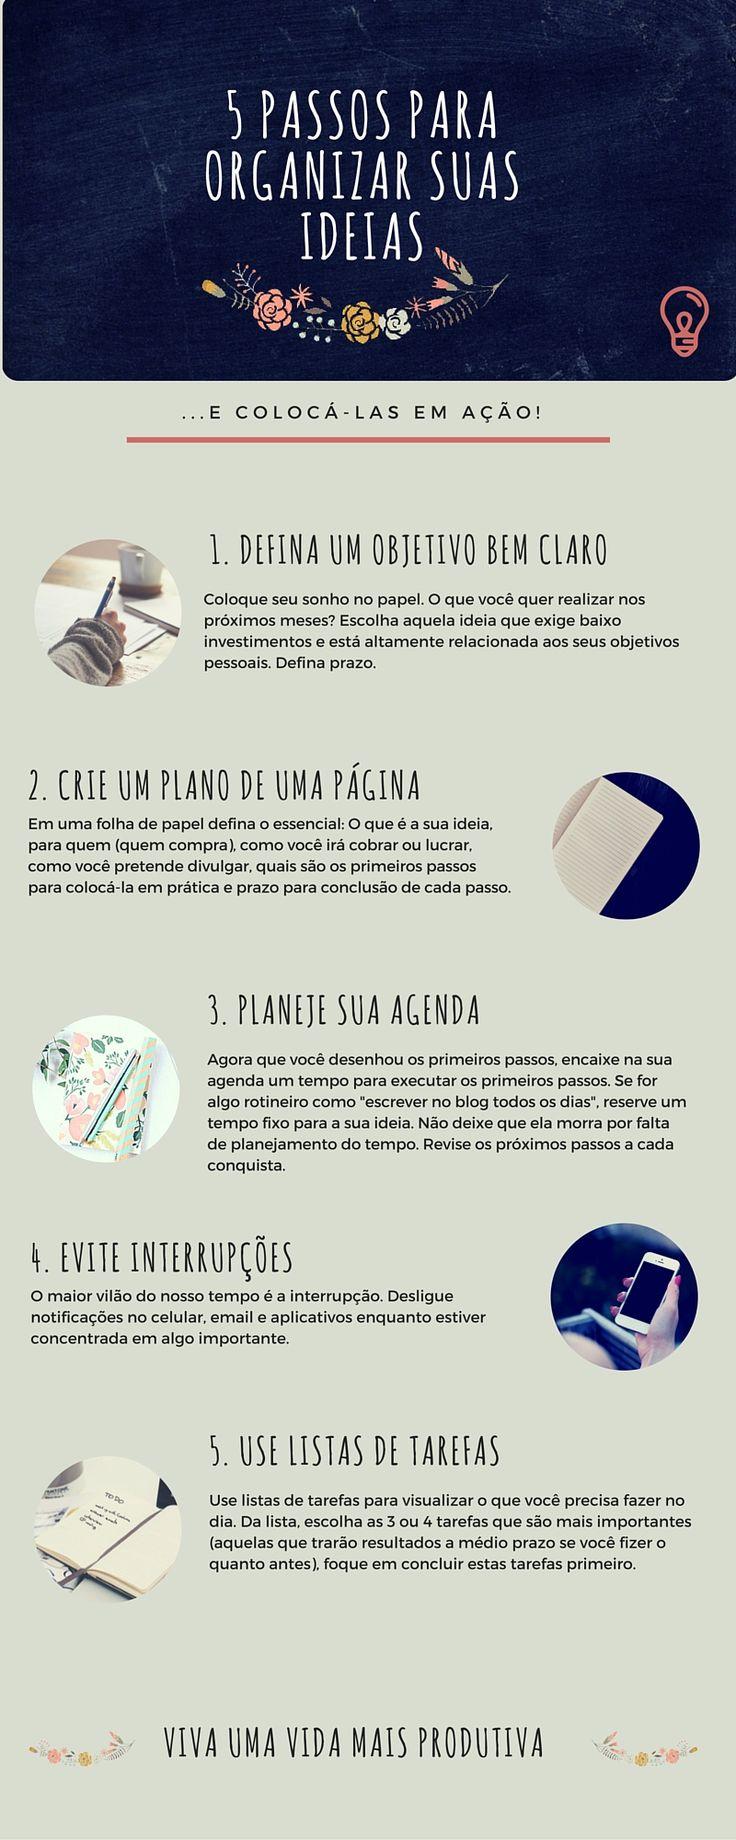 5 passos para organizar ideias                                                                                                                                                     Mais